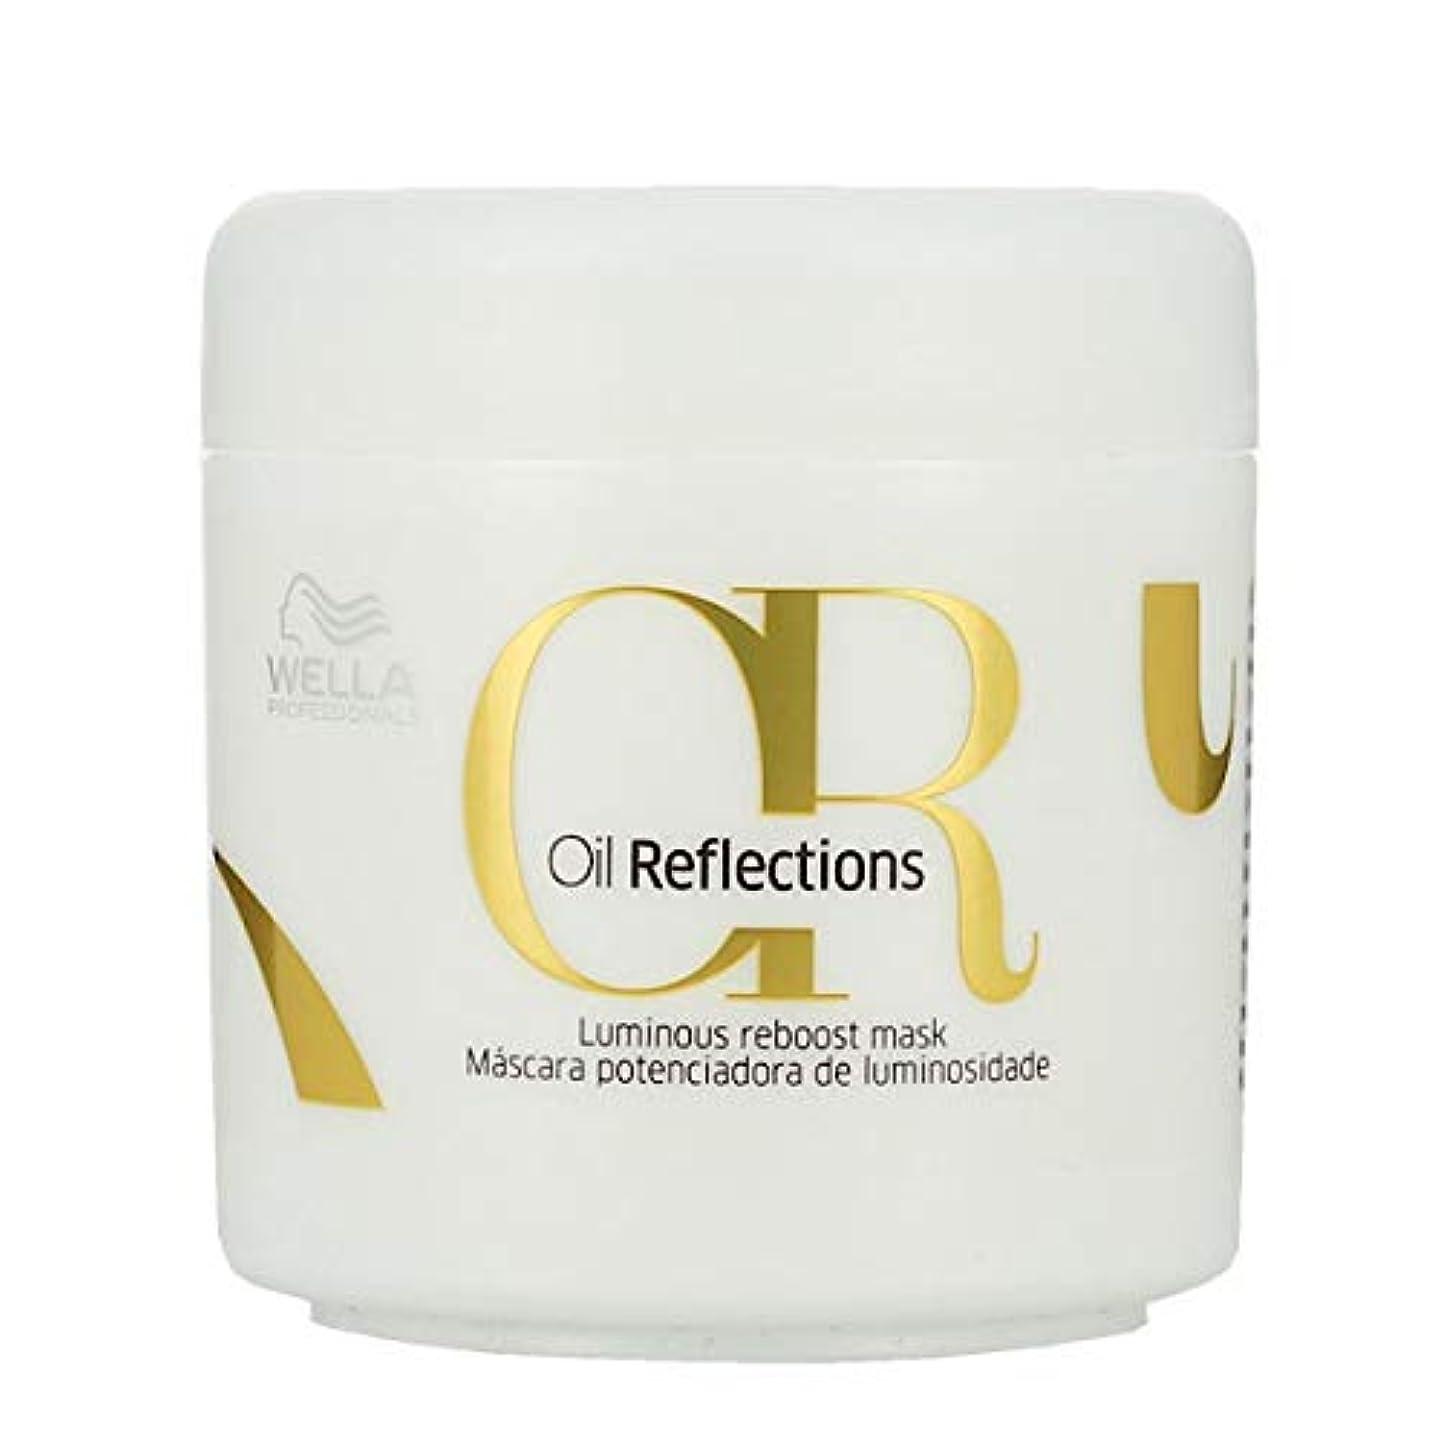 クアッガスタウトシュガーWella Professionals Oil Reflections Luminous Reboost Mask ウエラ オイルリフレクション マスク 150 ml [並行輸入品]